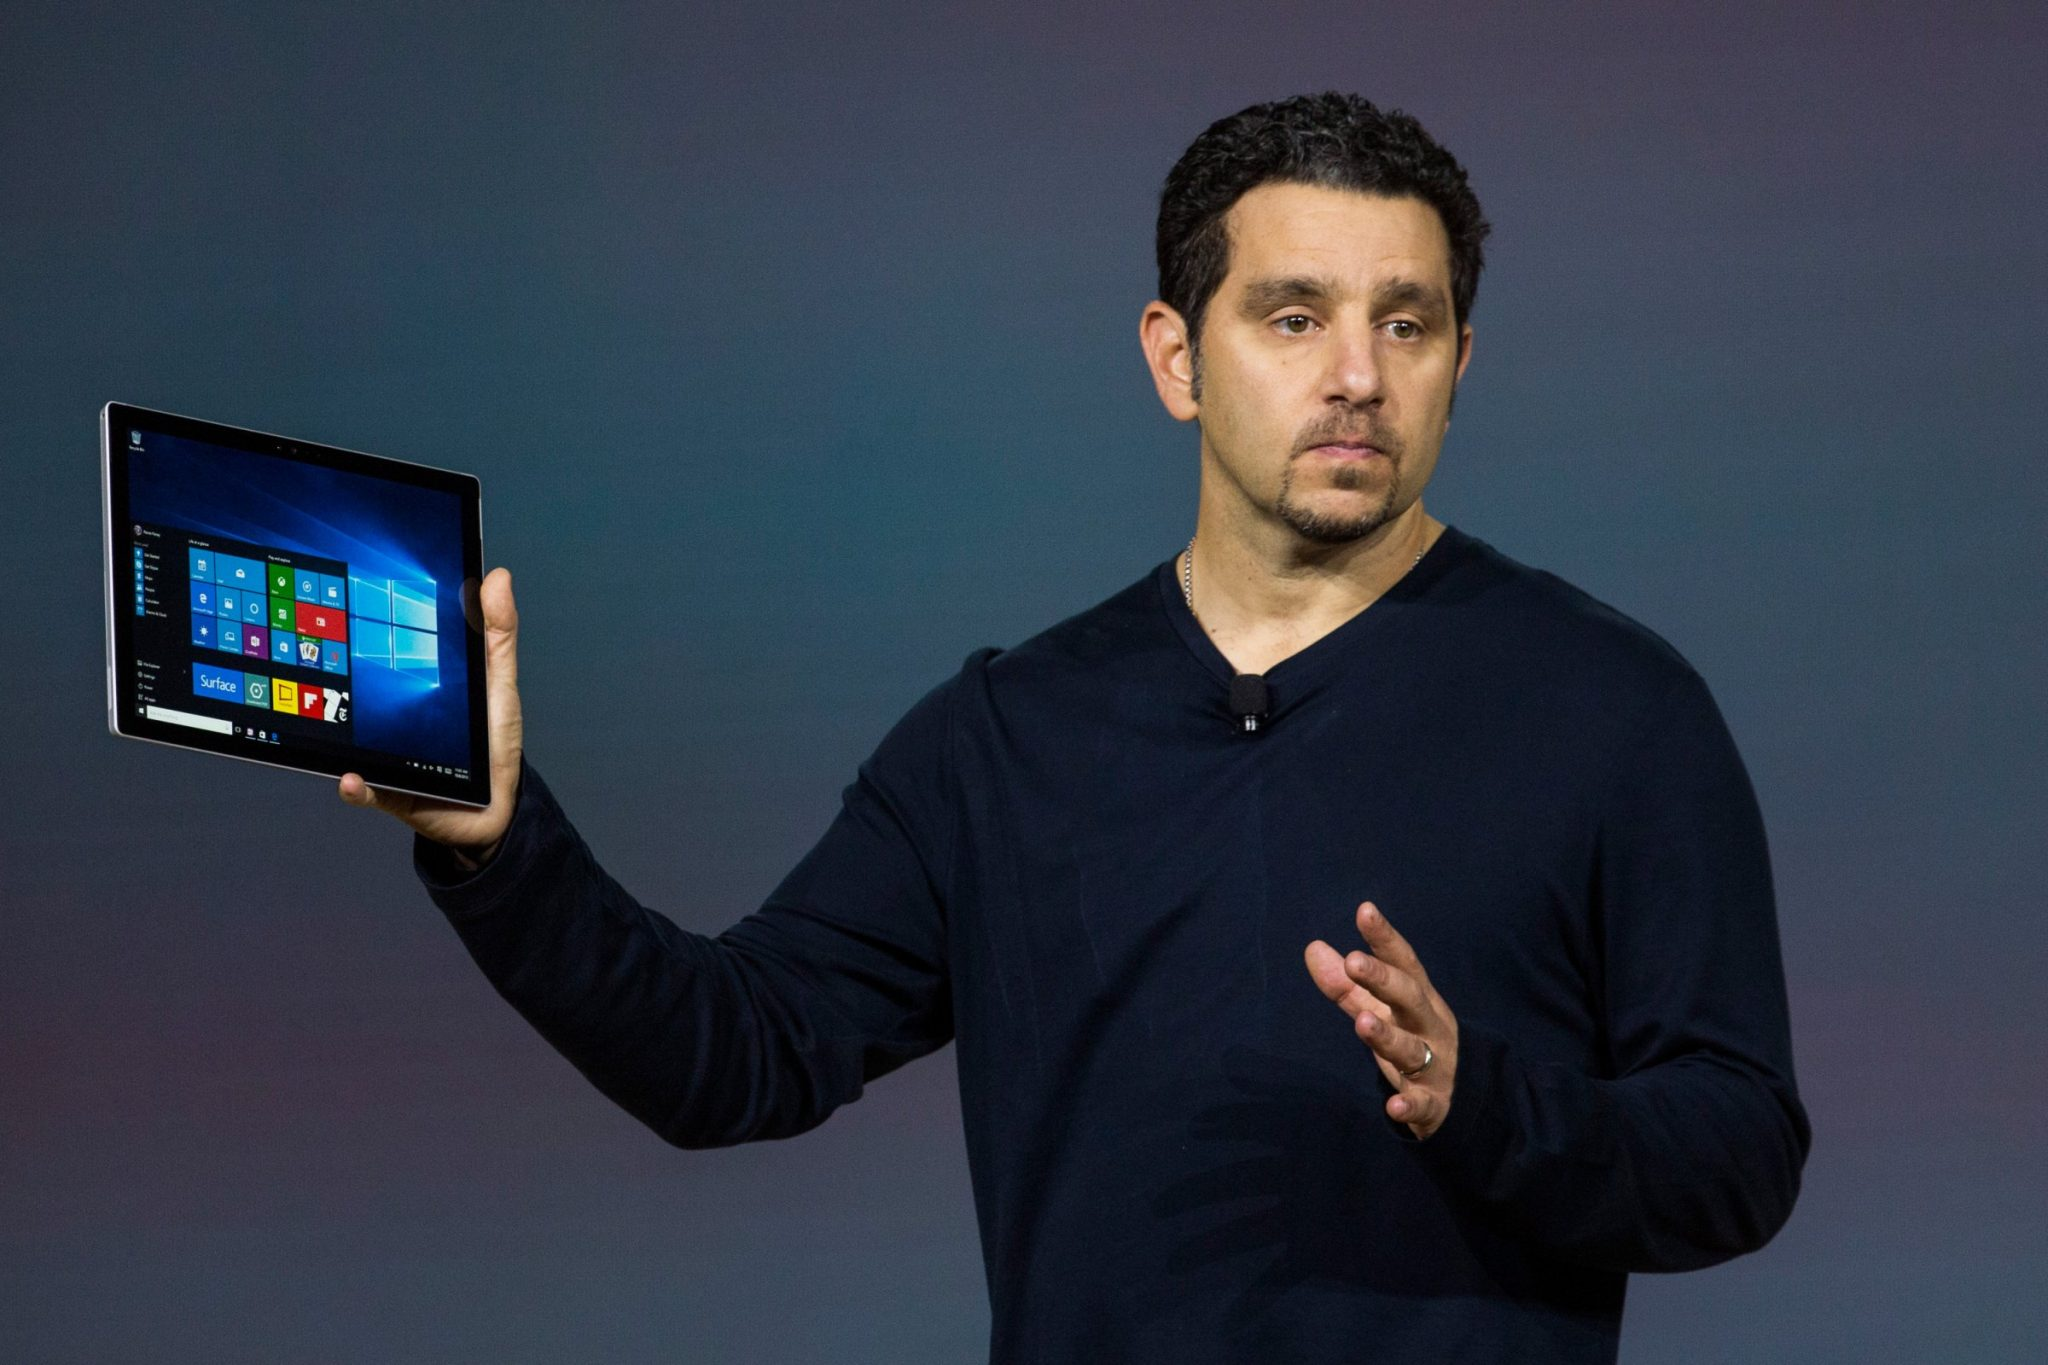 Presentación de la Surface Pro 4